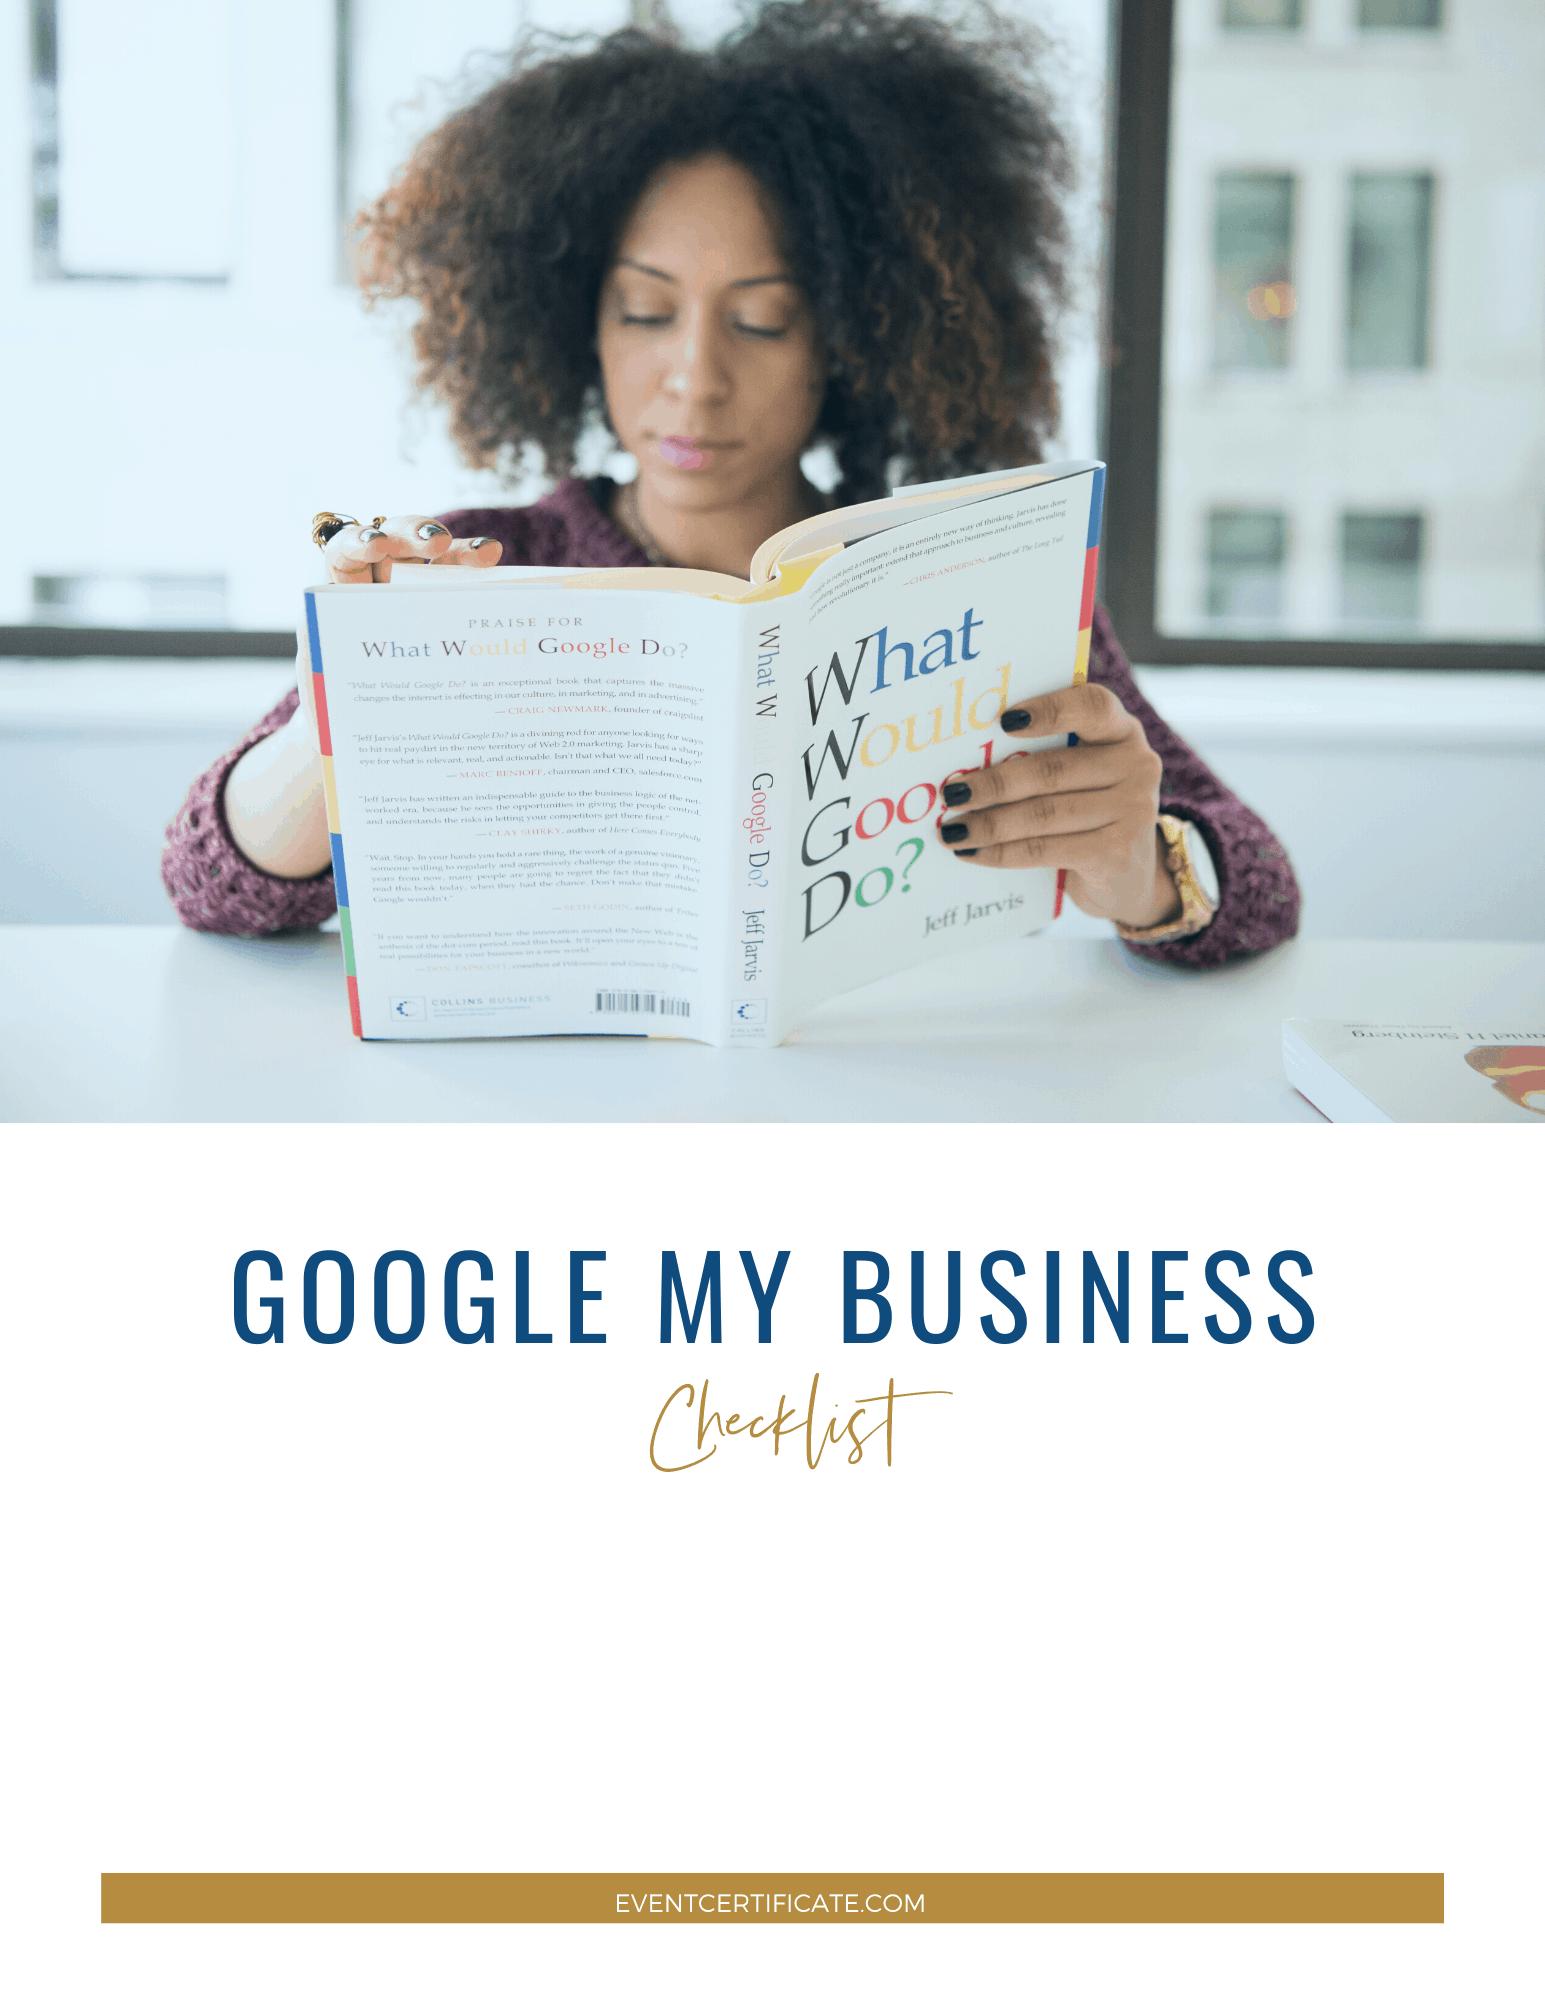 Google My Business Checklist Download